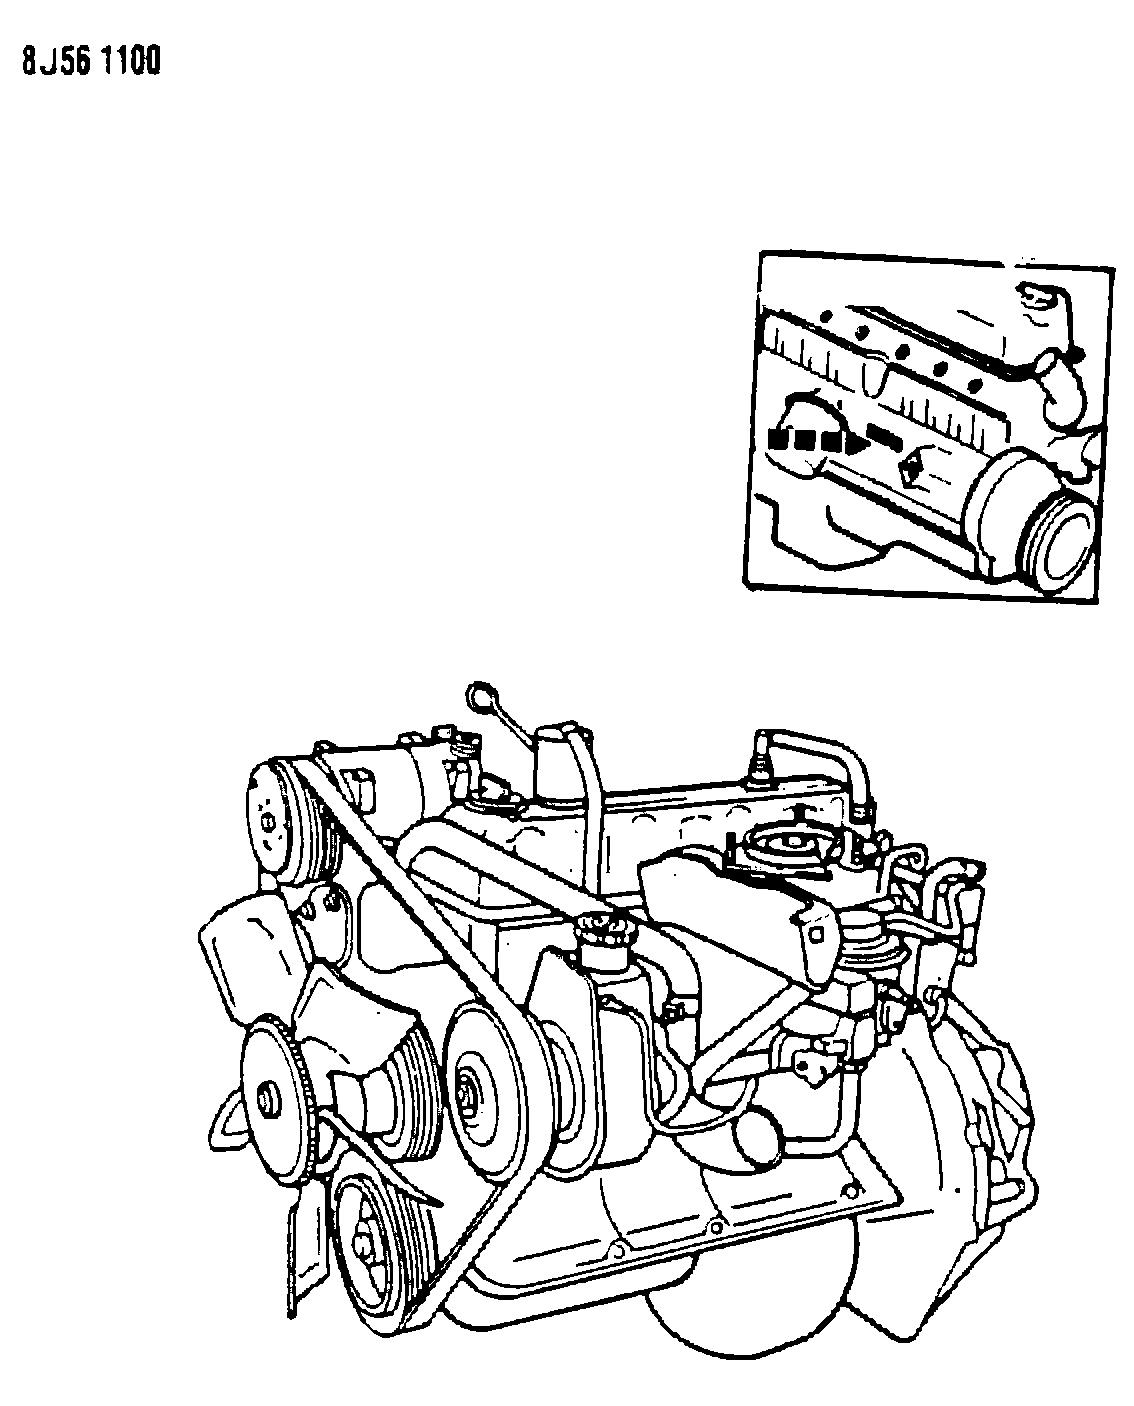 Chrysler 383 Engine Number Location